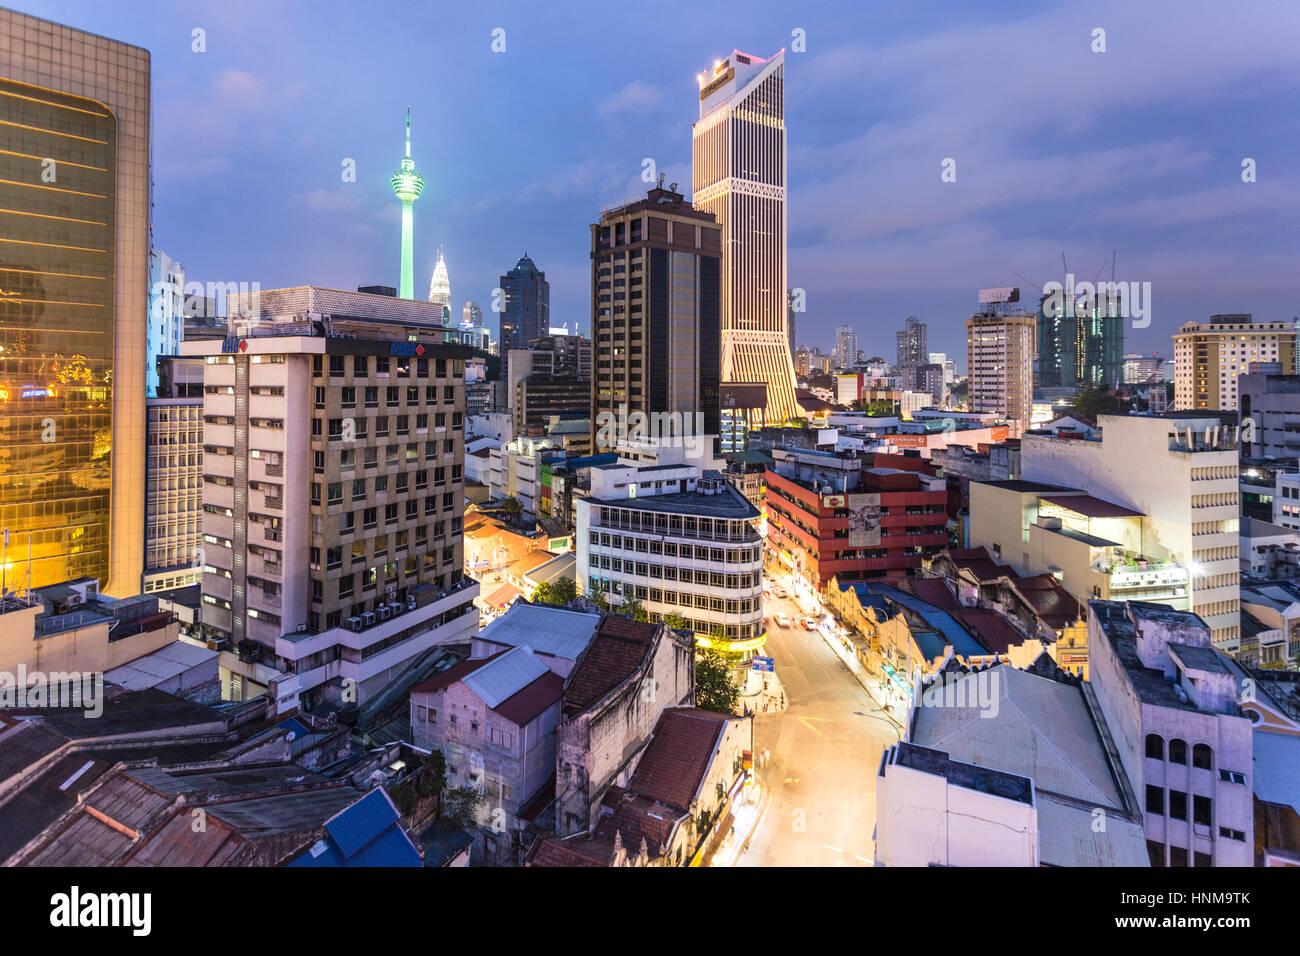 KUALA LUMPUR - vue aérienne d'une nuit sur le quartier des affaires de Kuala Lumpur, Malaisie capitale, Photo Stock